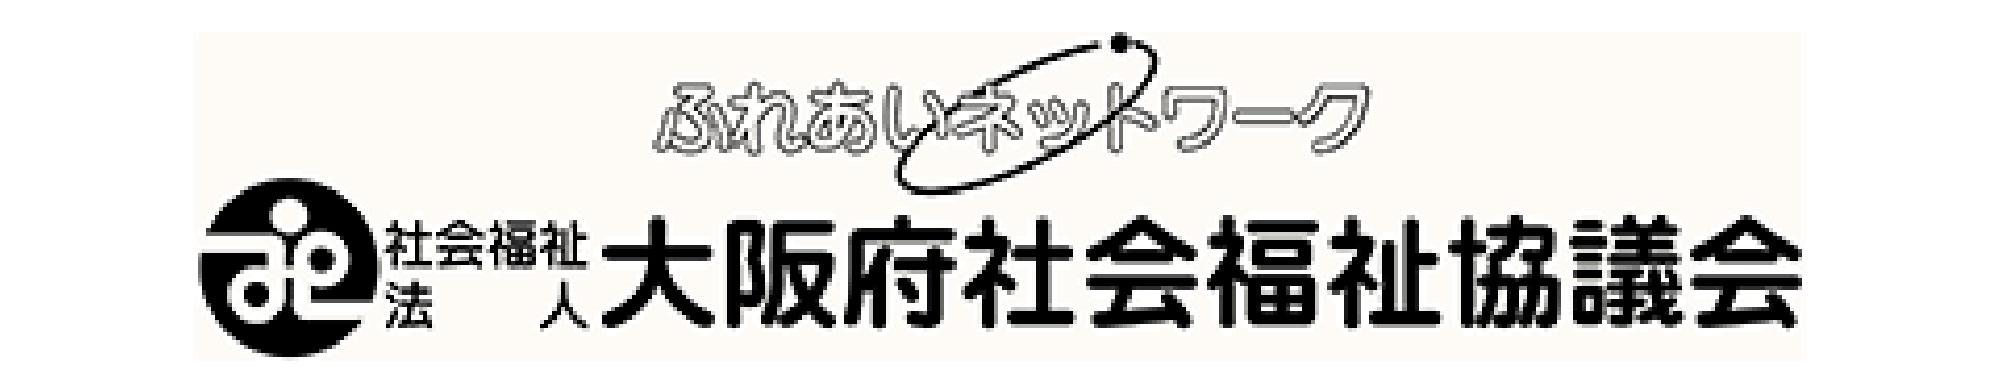 大阪府社会福祉協議会(府社協)